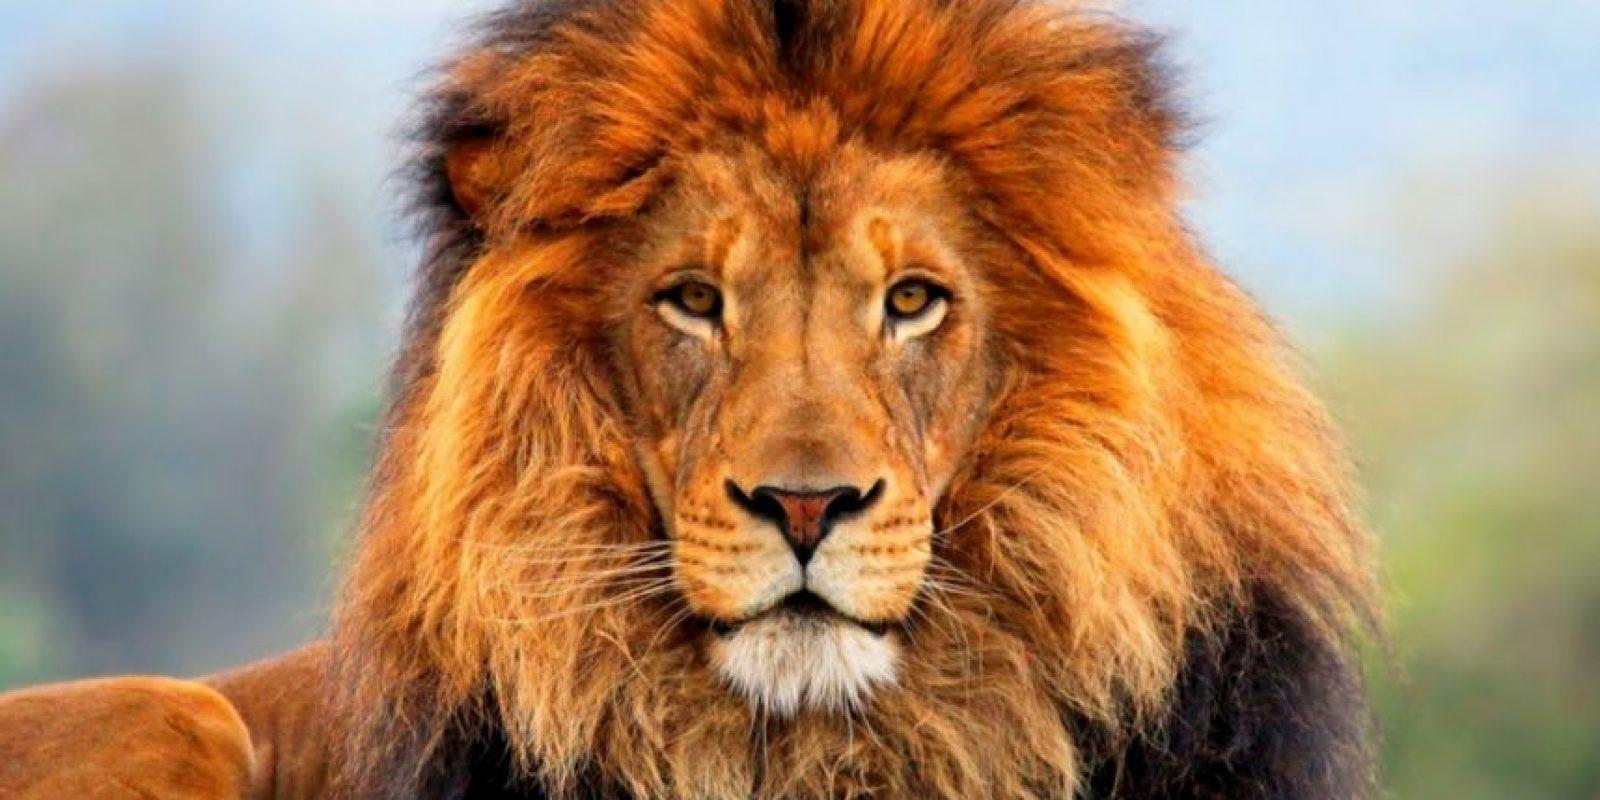 Los leones fueron utilizados en deportes sangrientos de combate contra otros animales como perros. Fue finalmente prohibido en Viena en 1800 y en Inglaterra en 1825. Foto:Getty Images